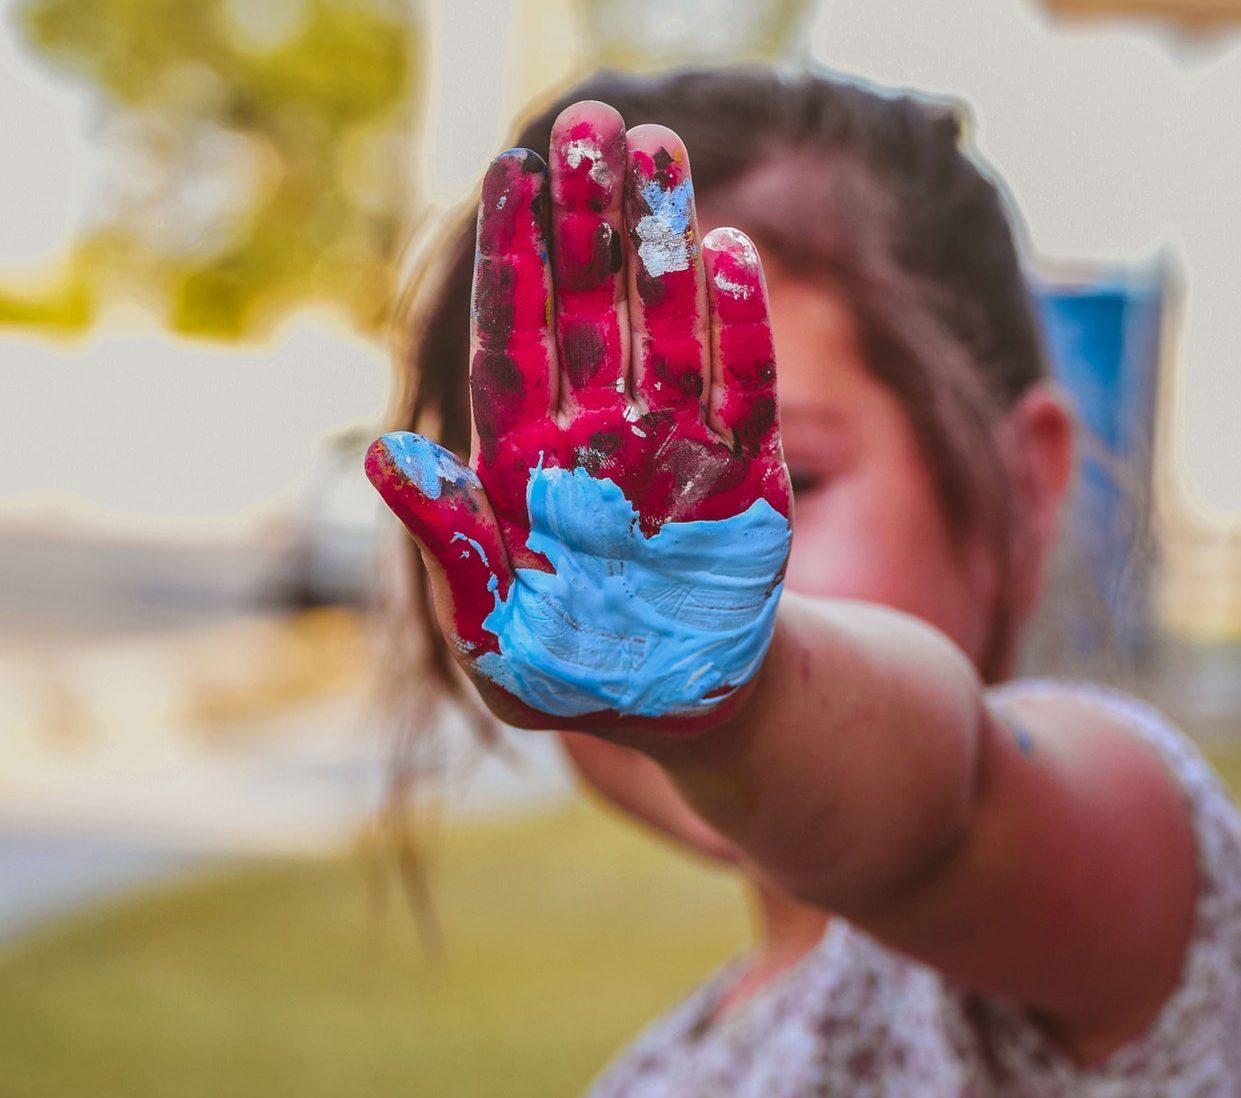 child paint